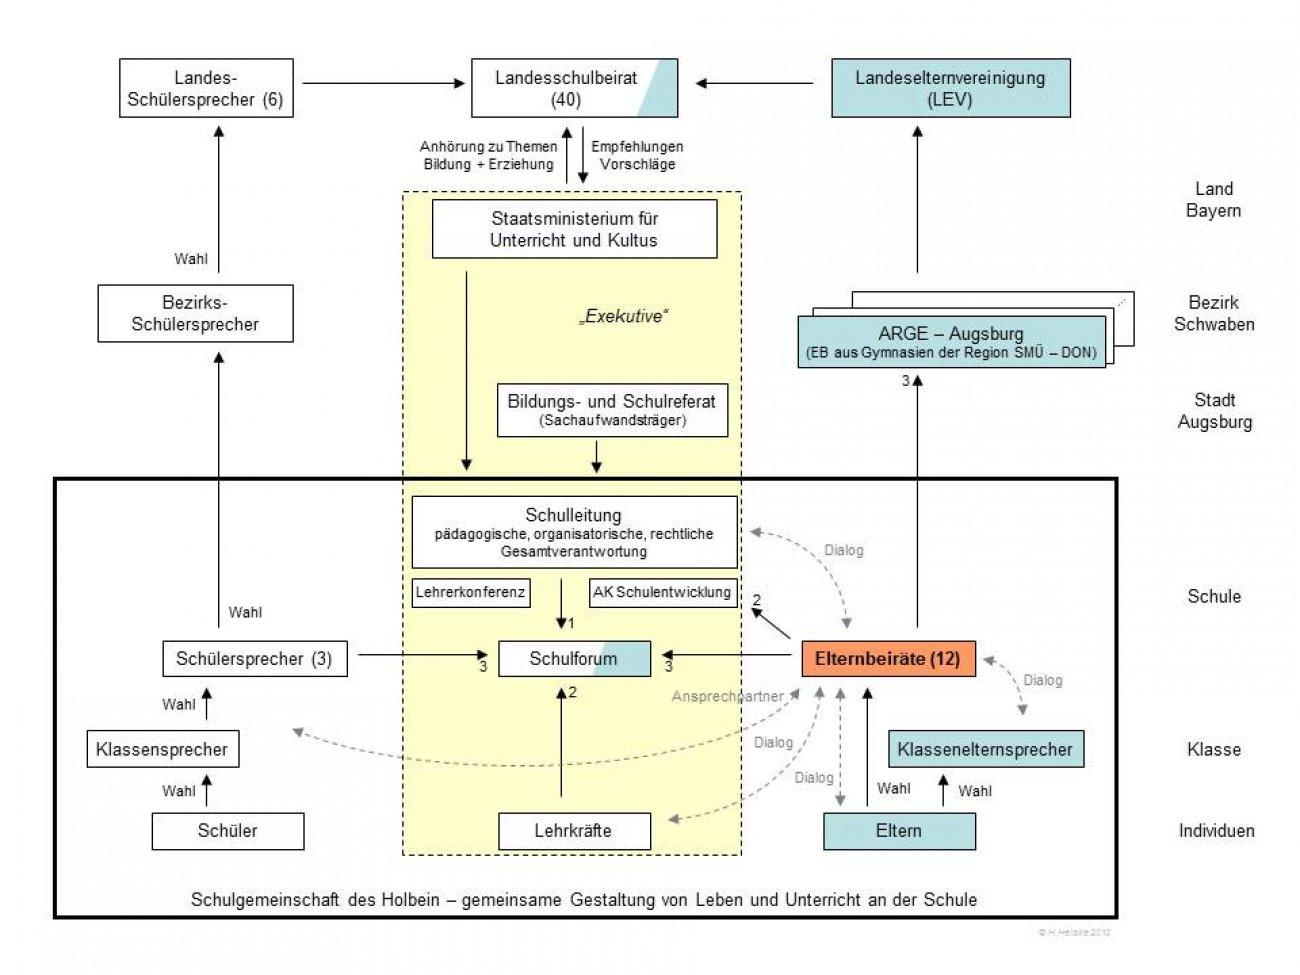 Die Graphik illustriert die Stellung und den hohen Vernetzungsgrad des Elternbeirats im Schulsystem